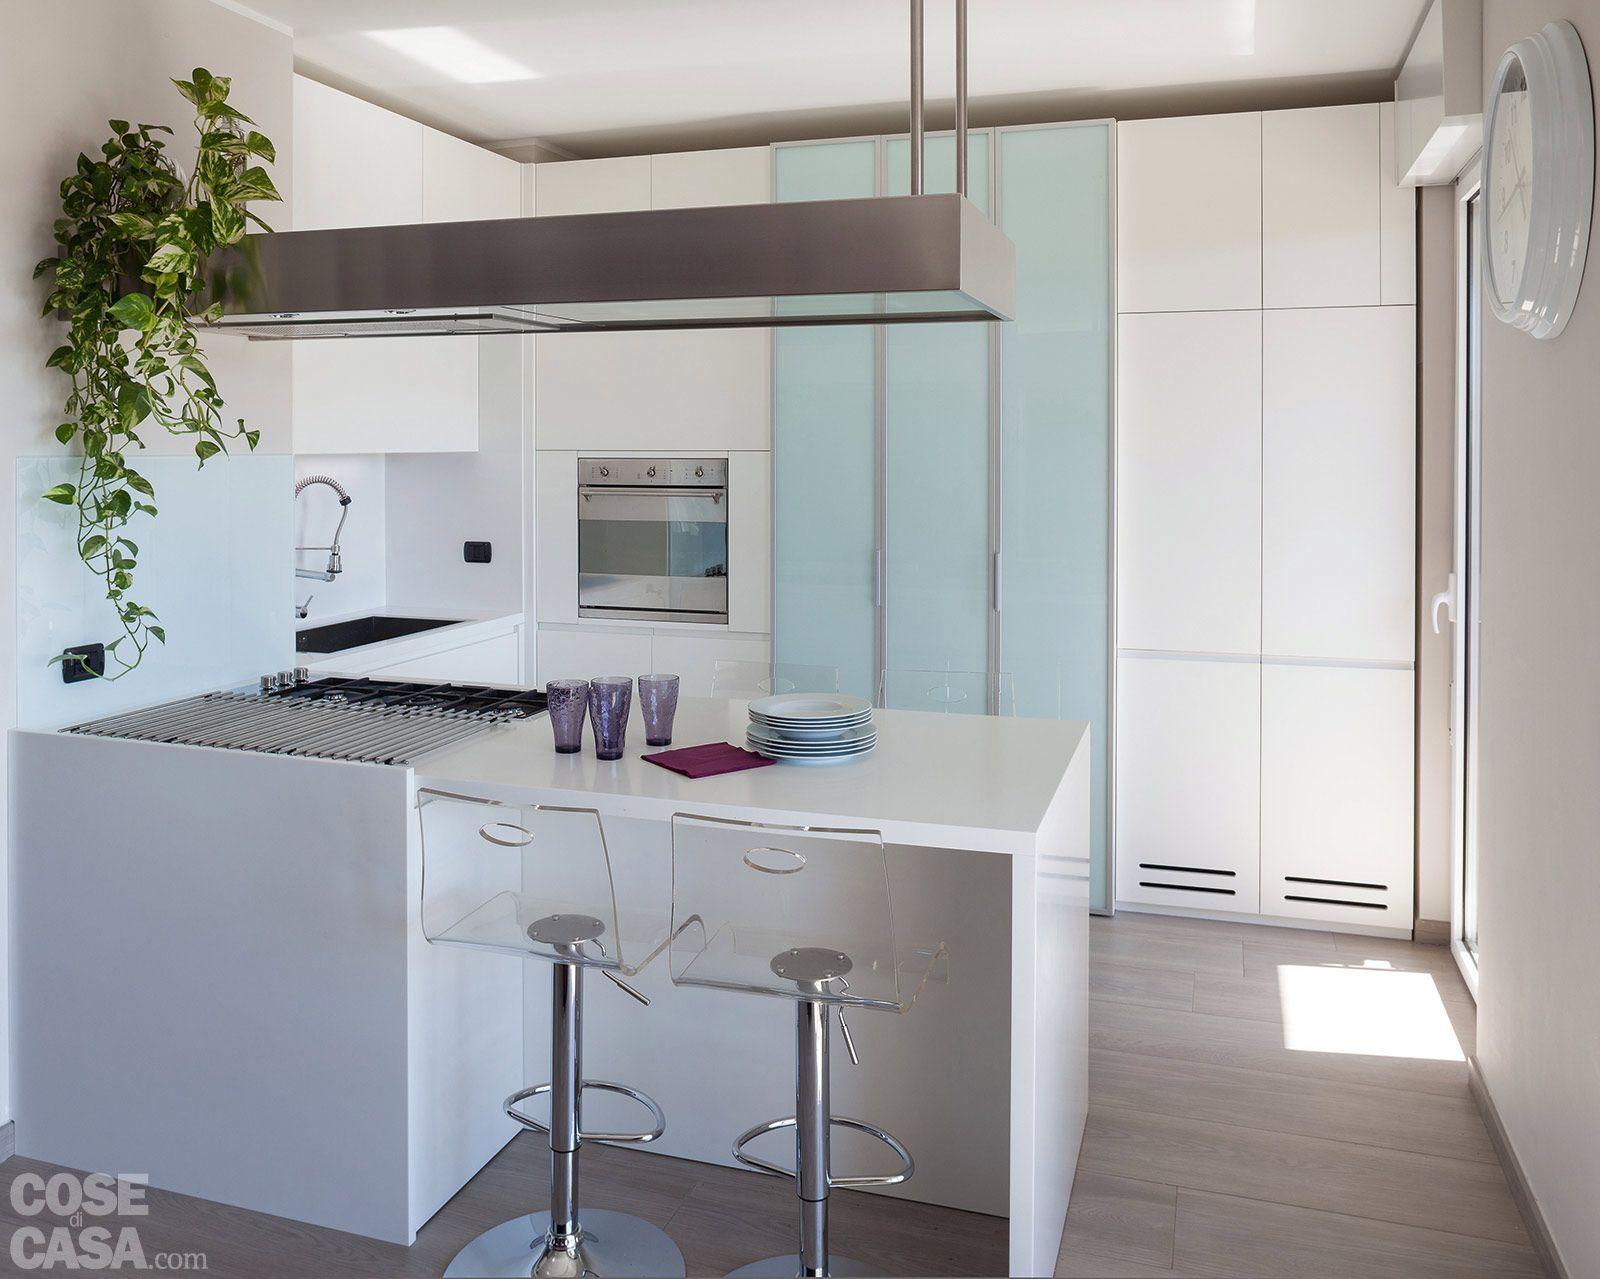 progetto cucina stanza 2 x 3 m isola - Cerca con Google | evim için ...